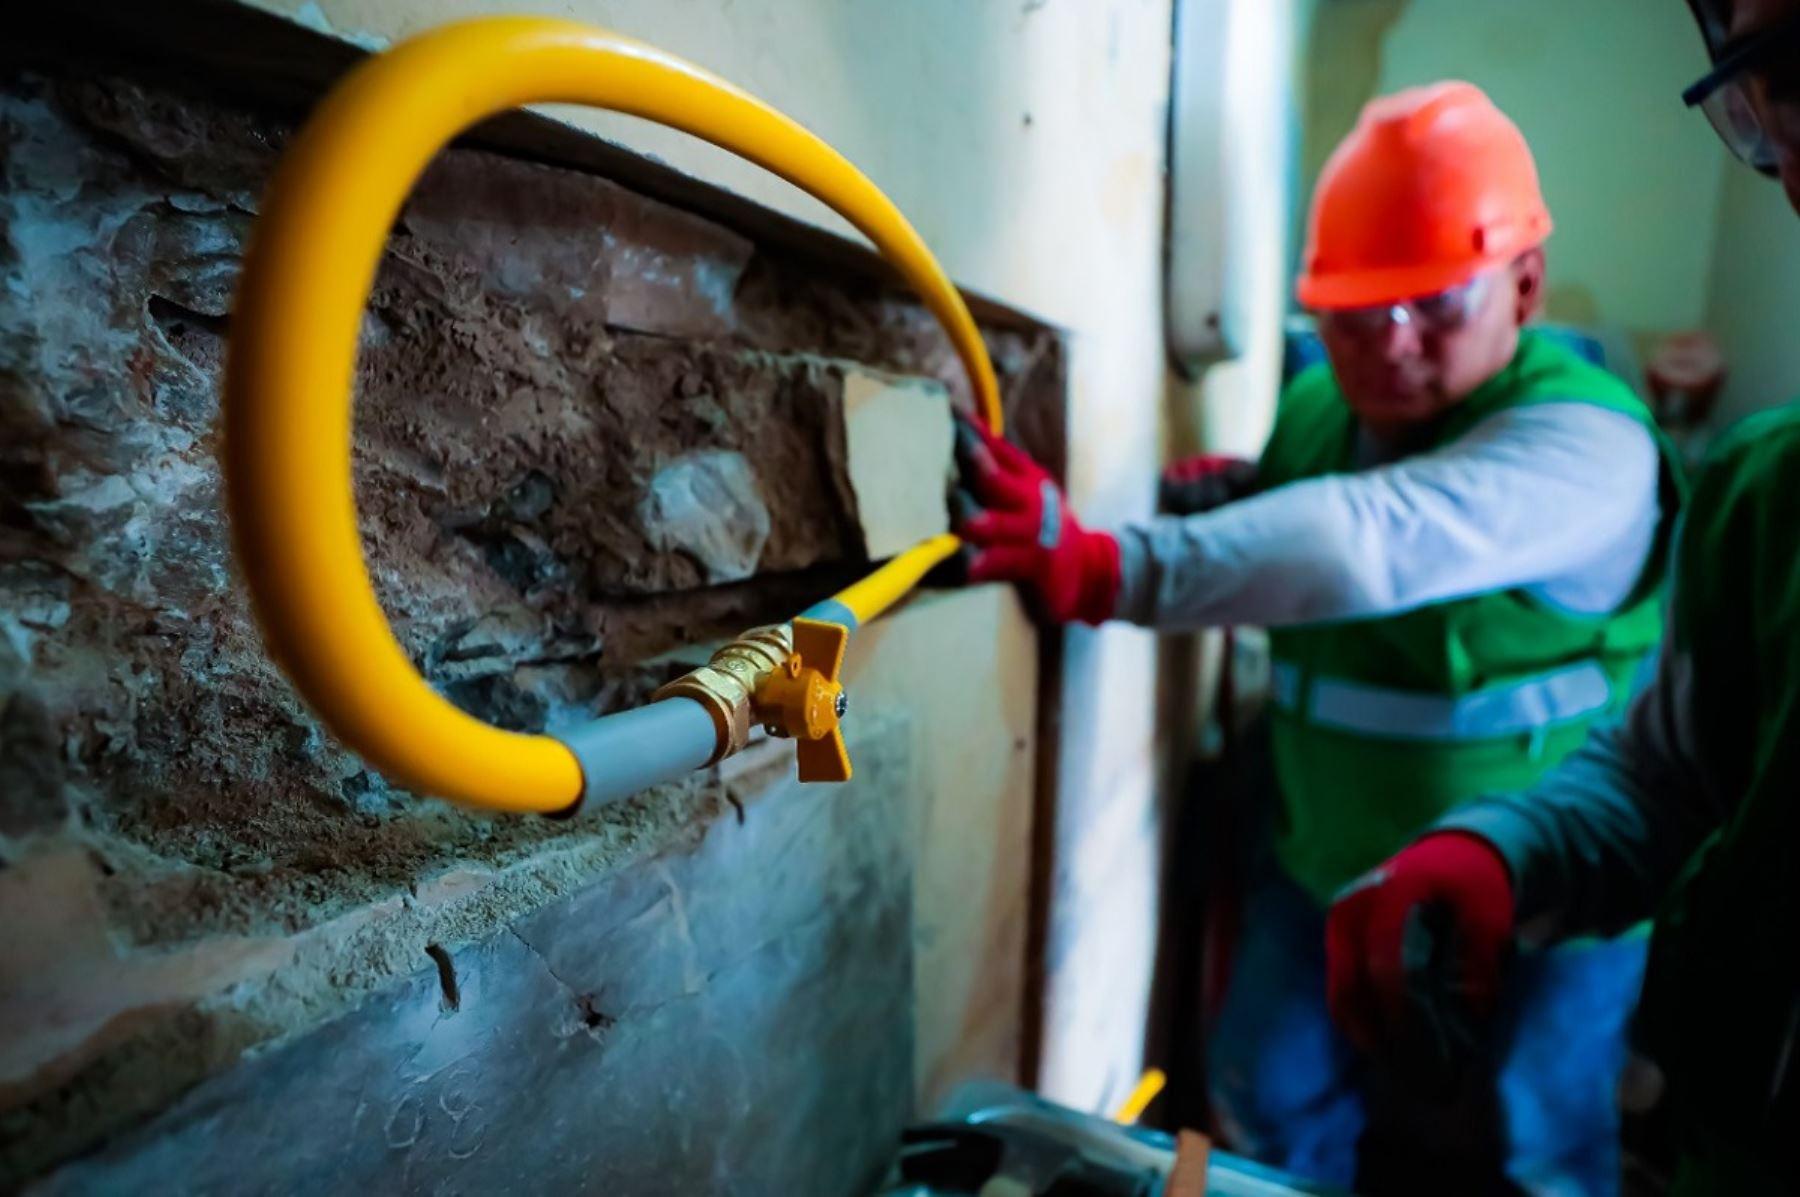 Adjudicación del proyecto Siete Regiones fortalecerá masificación del gas natural en Perú